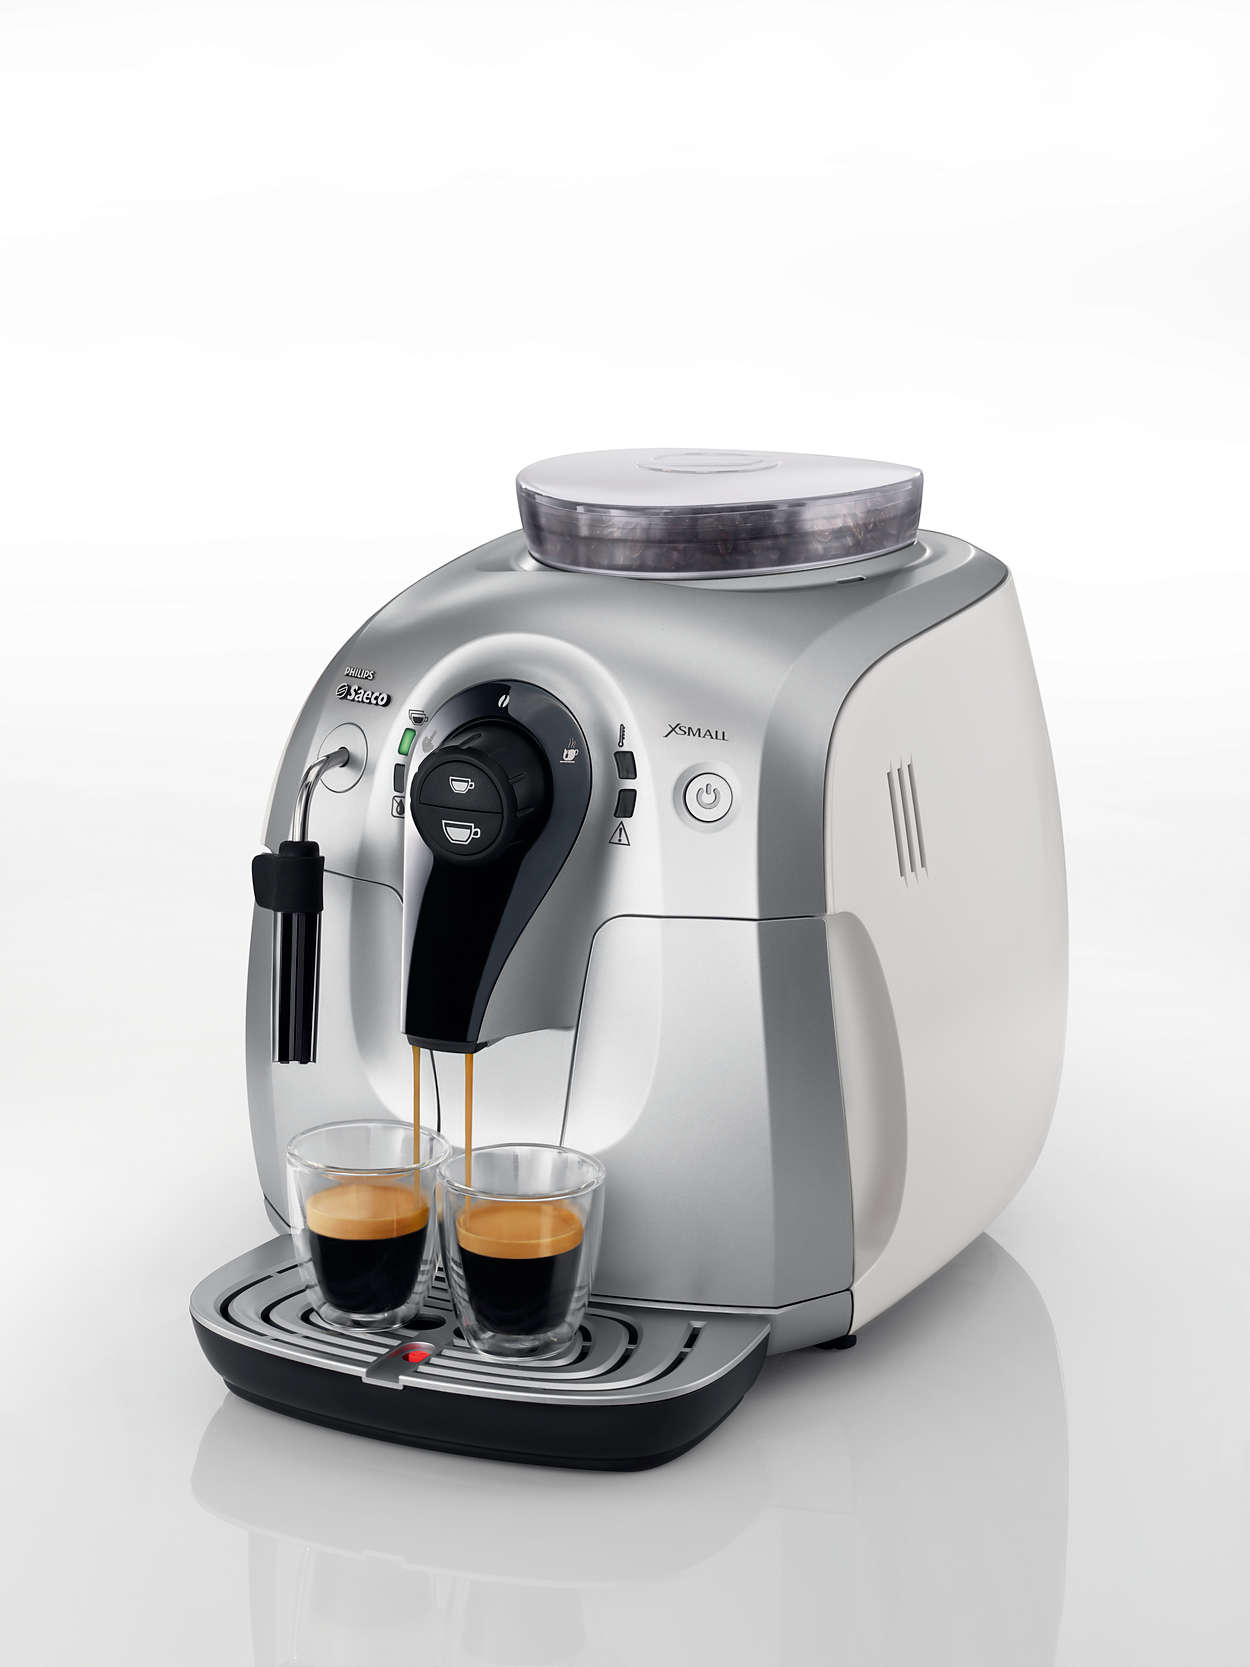 Απολαύστε το άρωμα των αγαπημένων σας κόκκων καφέ